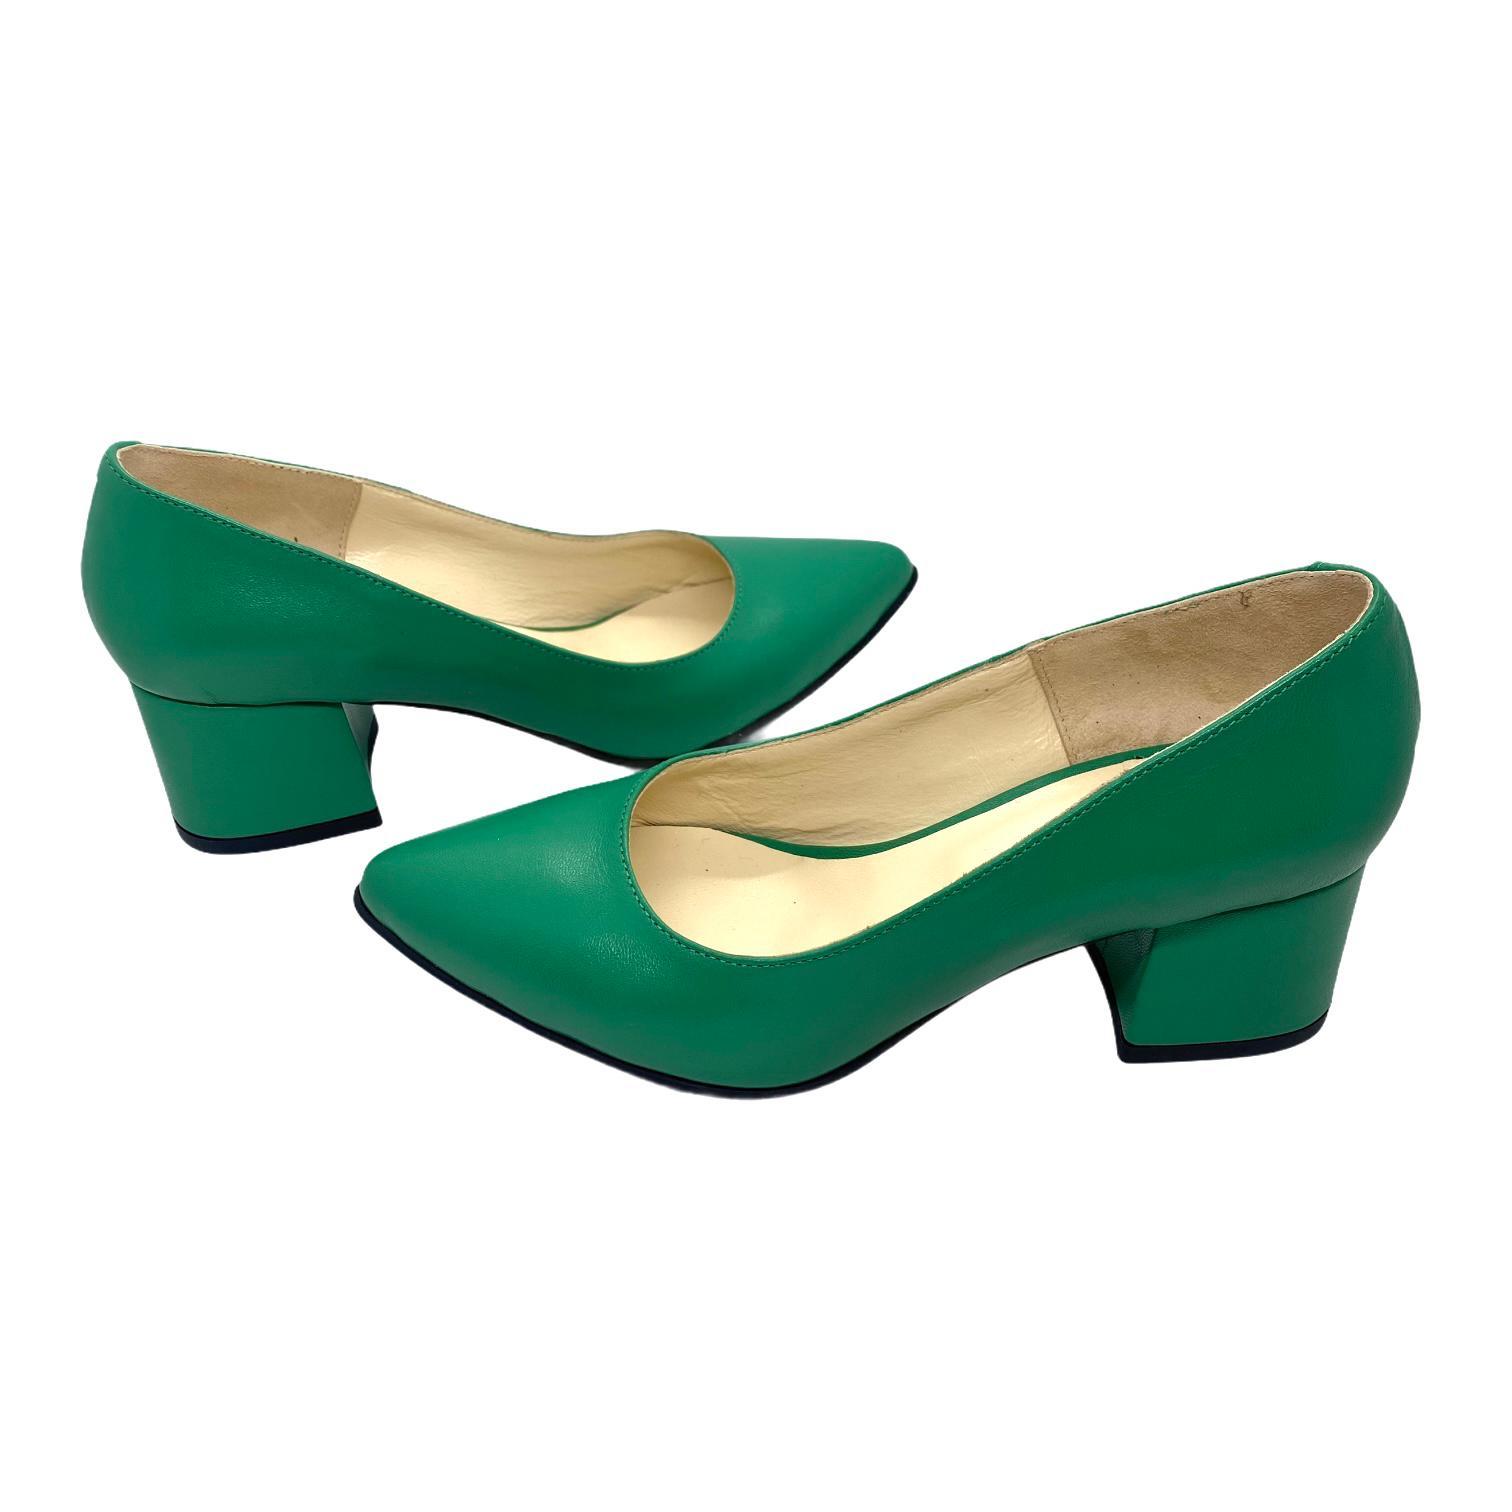 Pantofi verzi cu toc